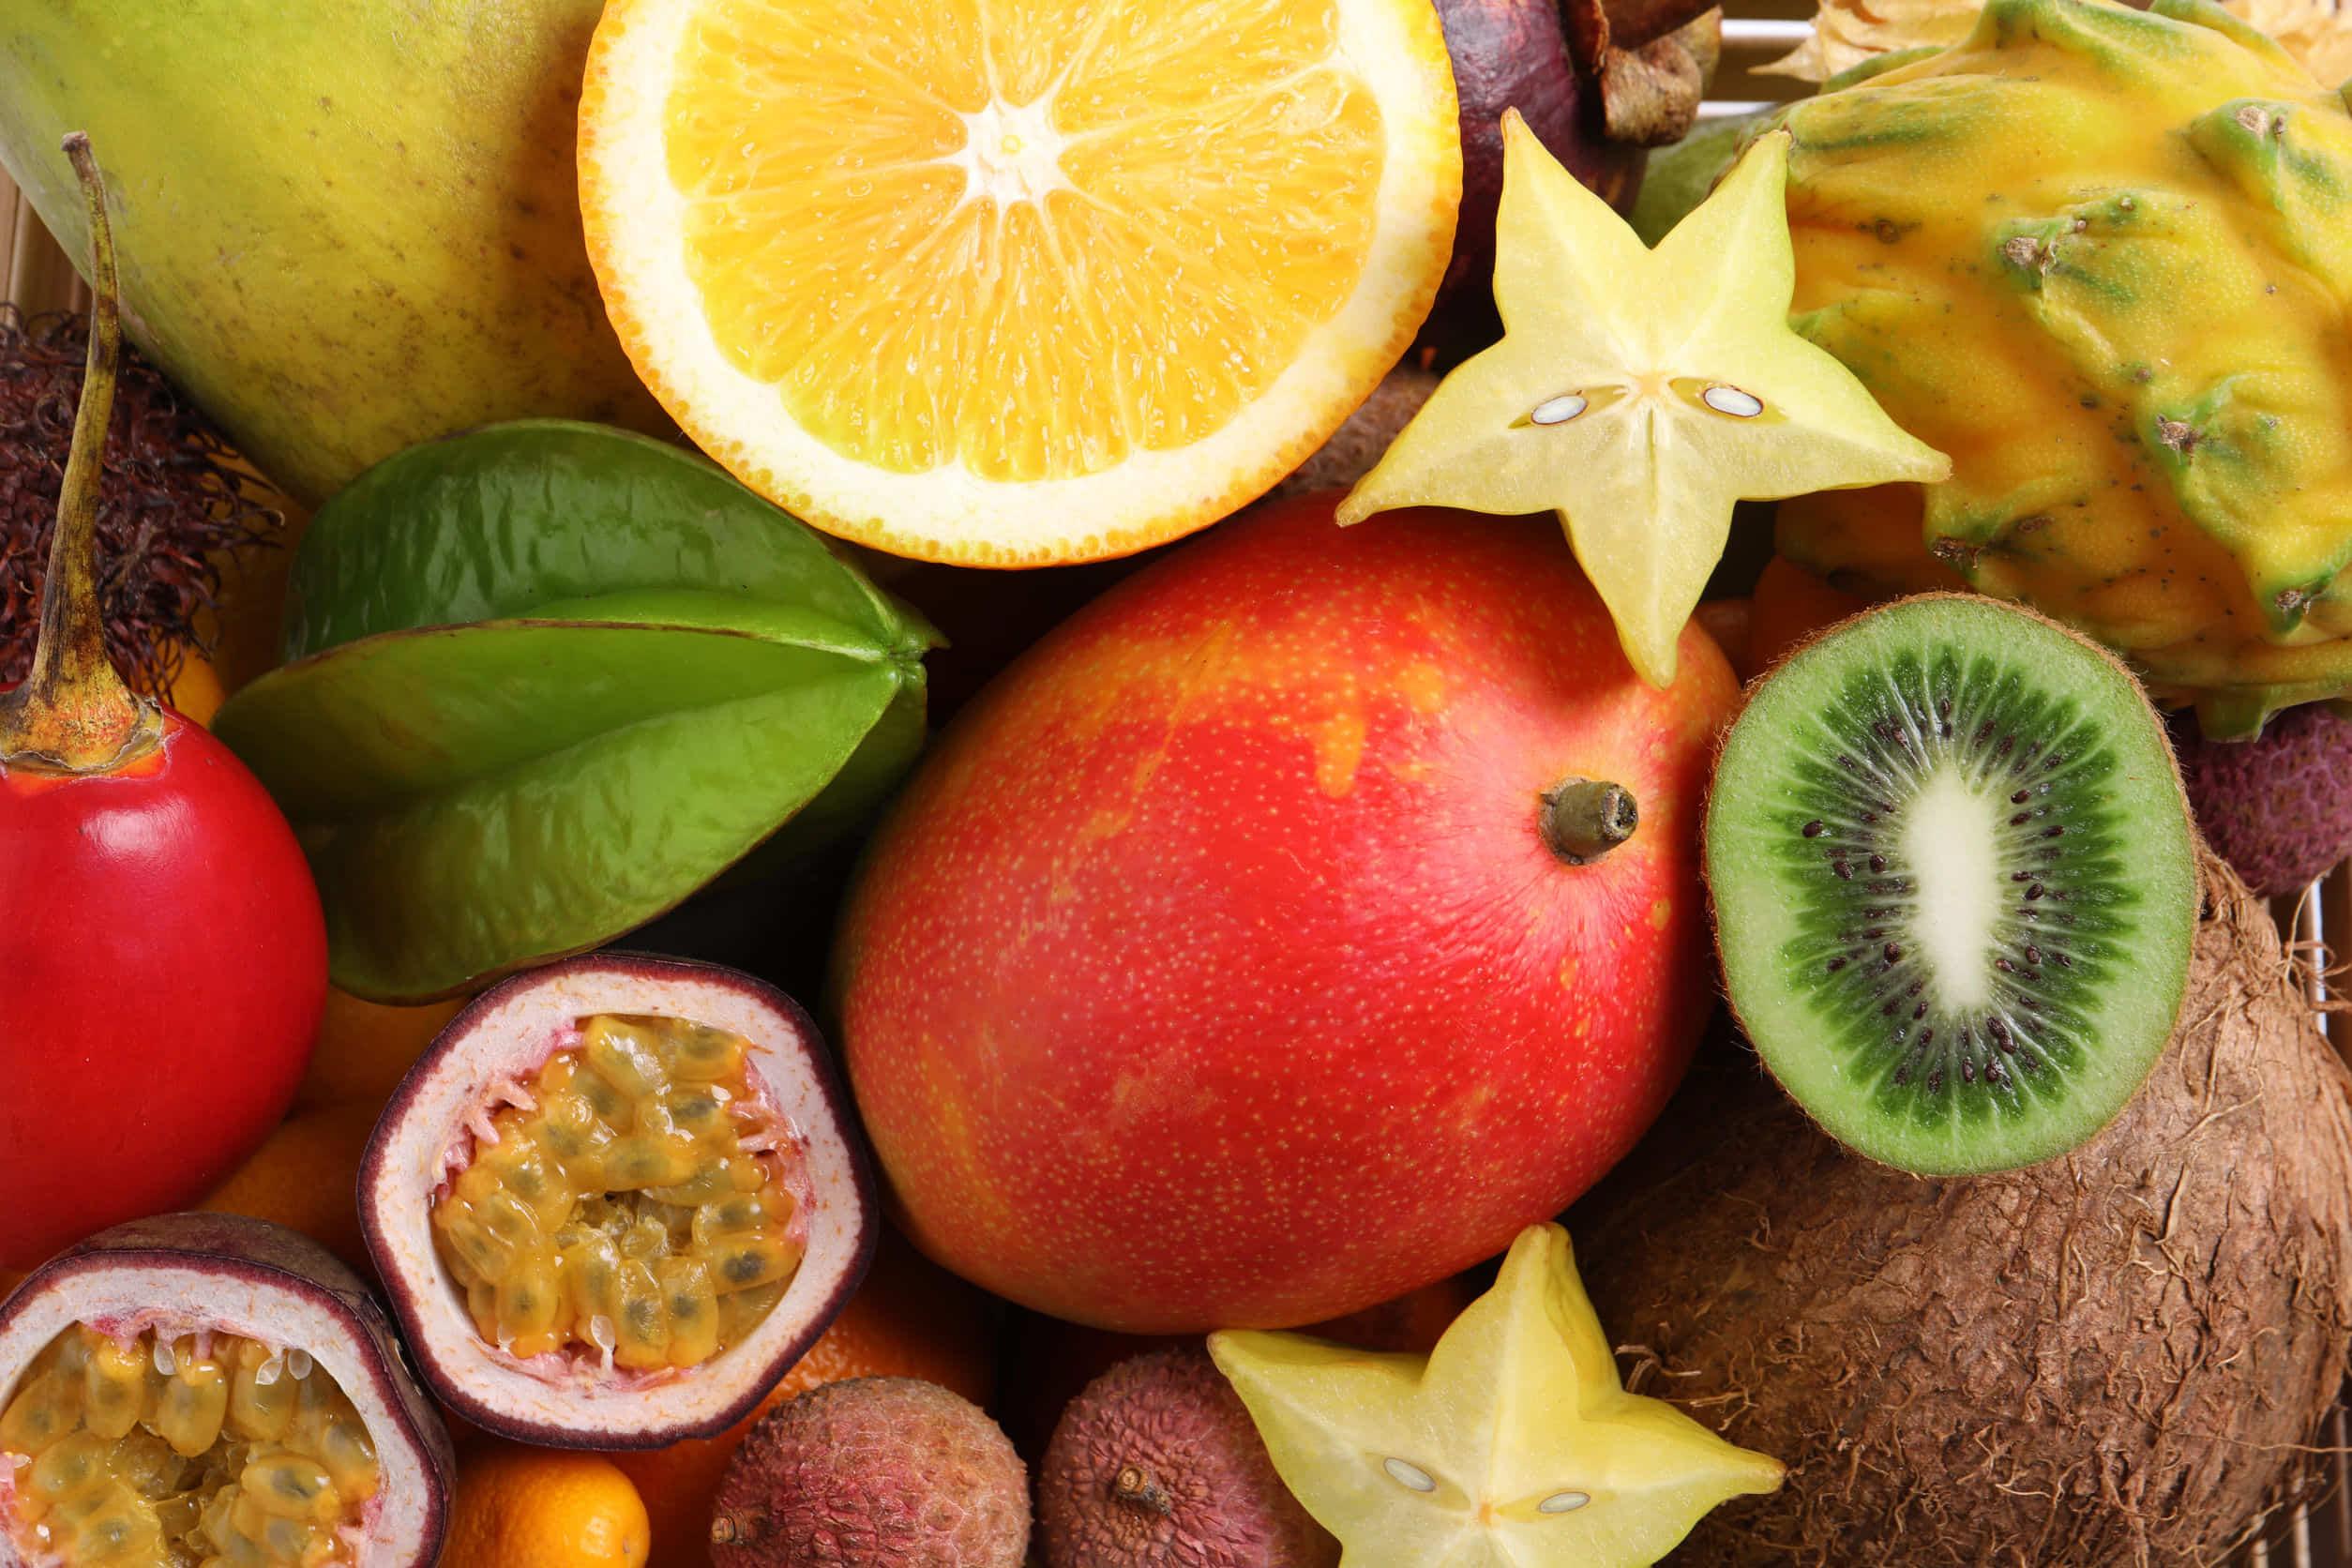 ハムスターにおすすめの果物ベスト5!好物は何?適量や与え方・注意点も紹介!